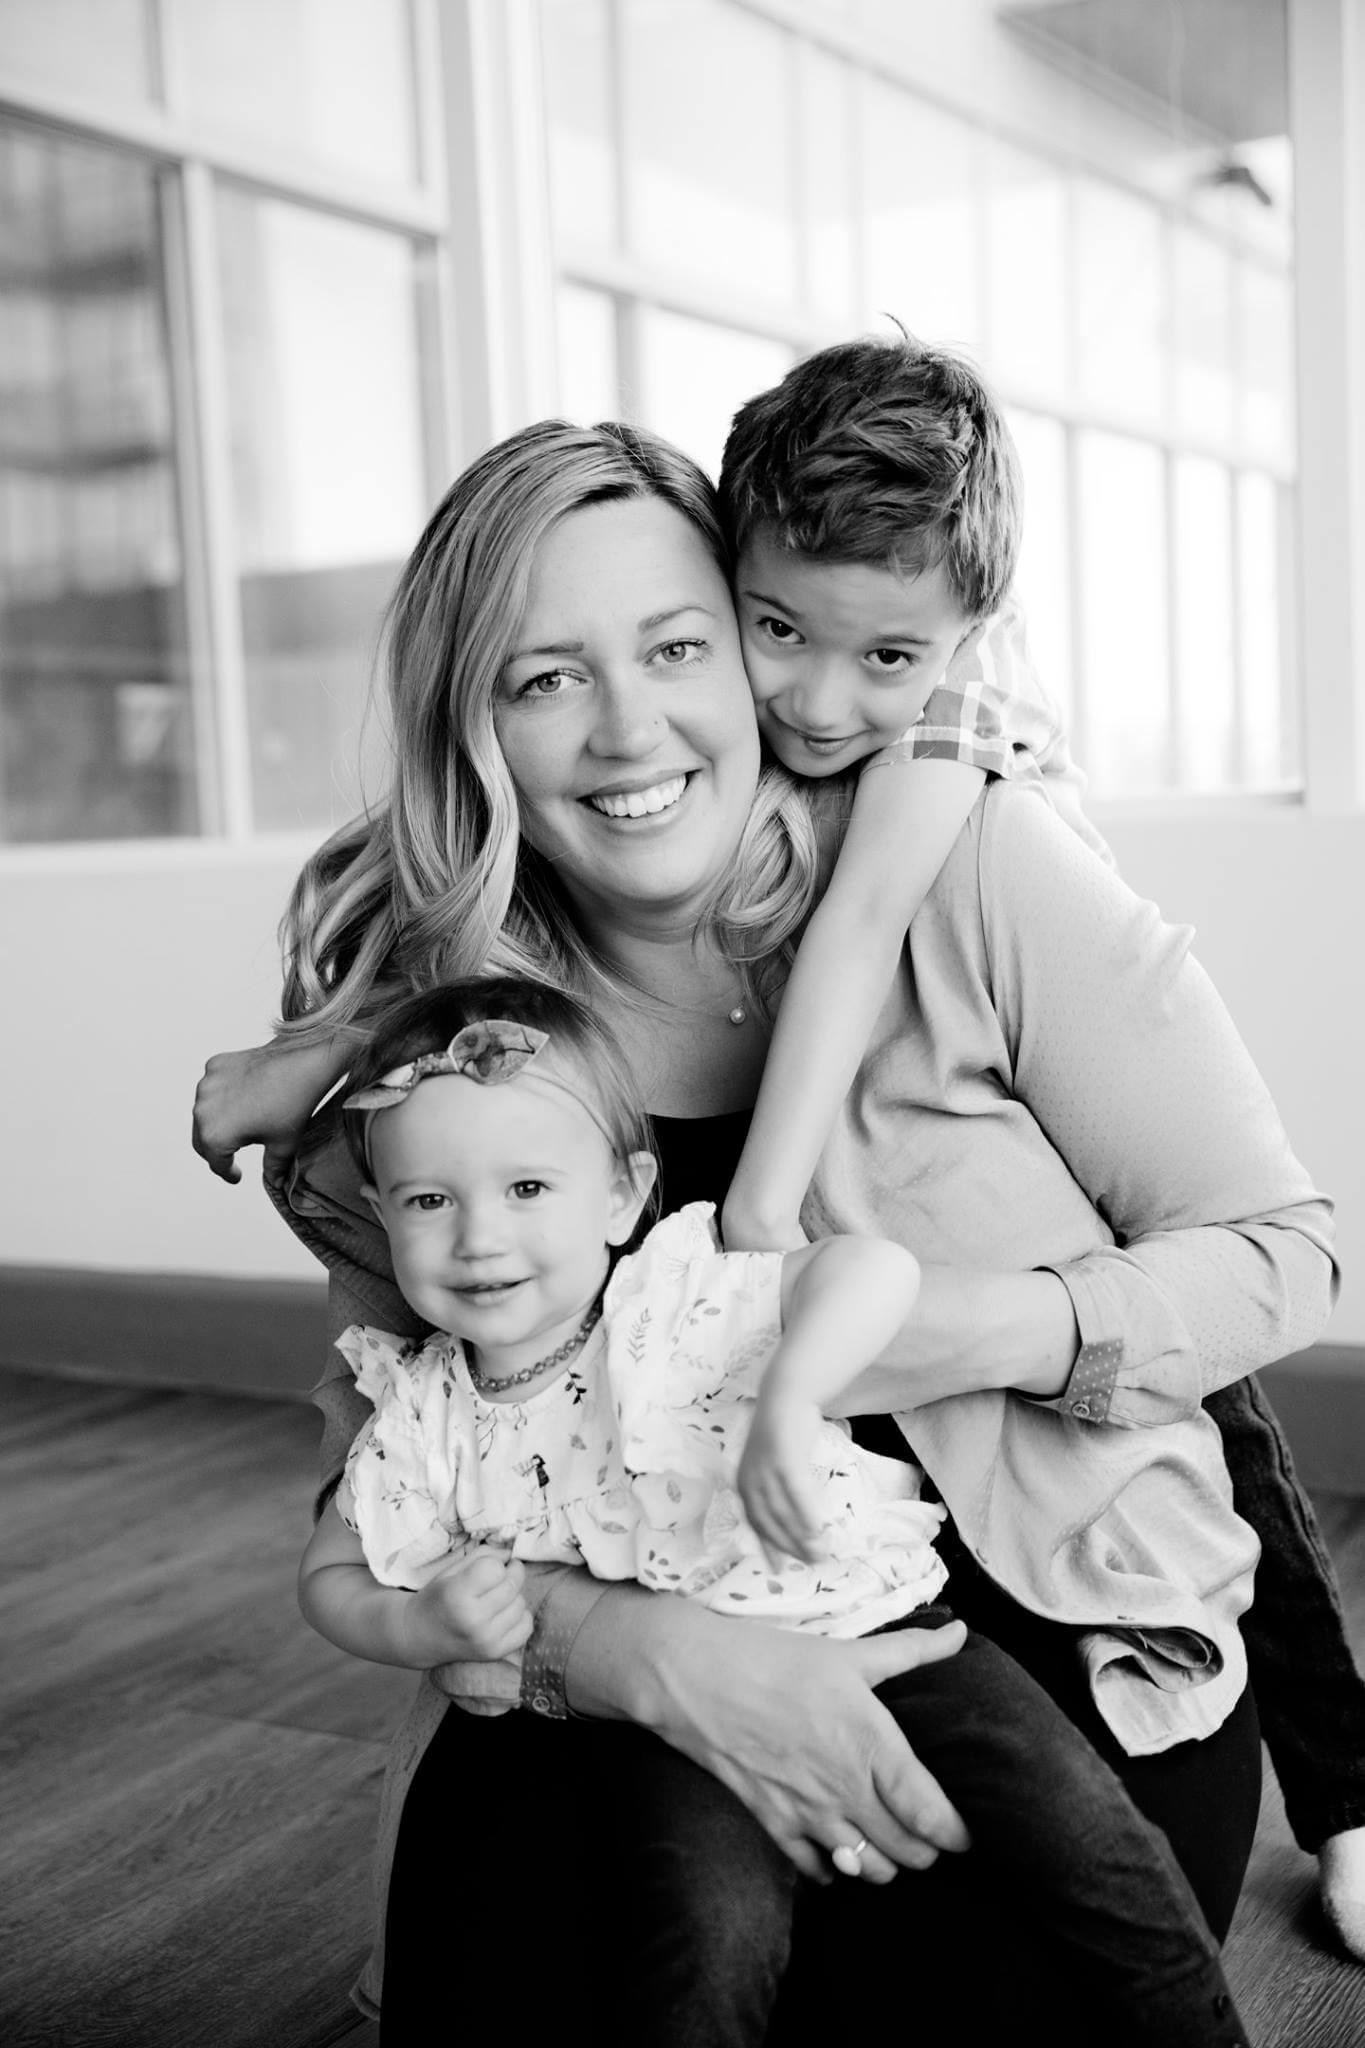 jennifer hammer postpartum support calgary founder.jpg